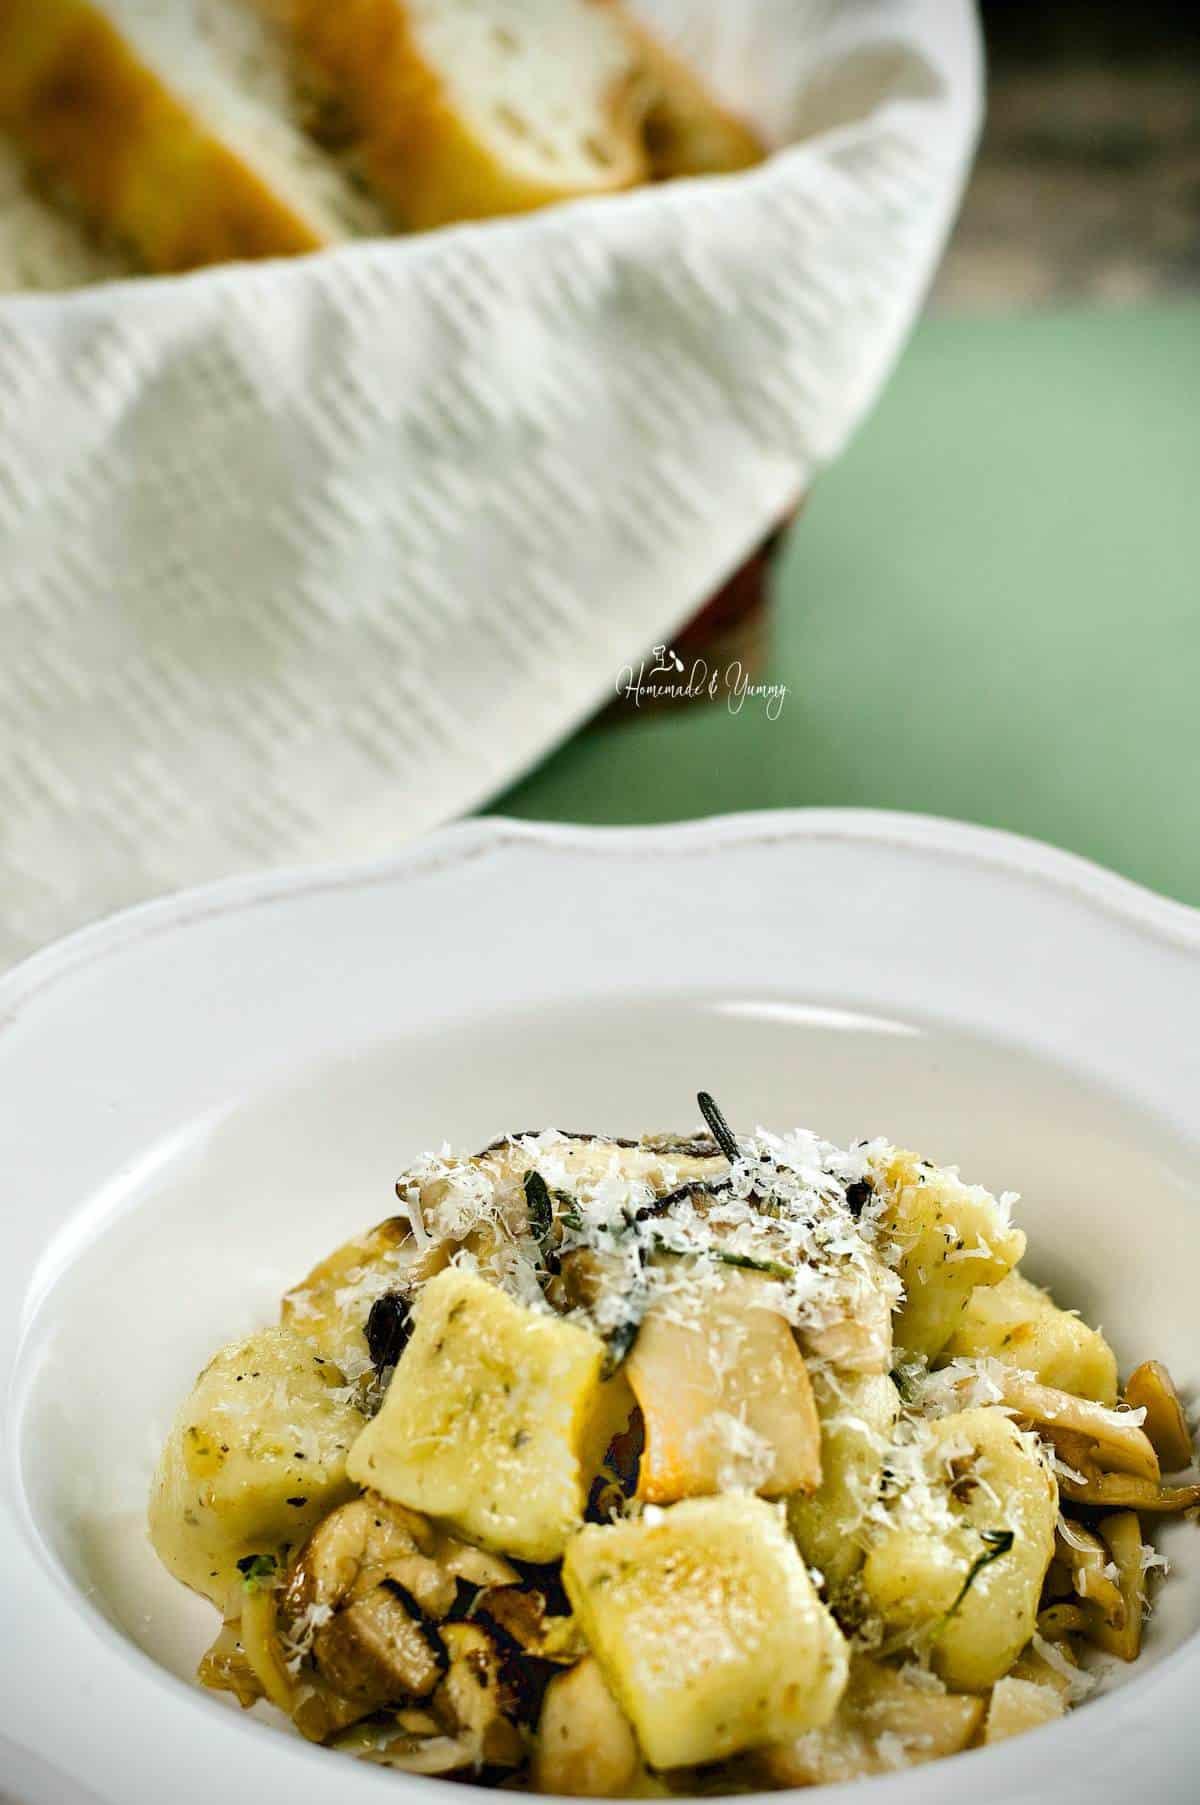 Homemade potato and mushroom gnocchi in a bowl.